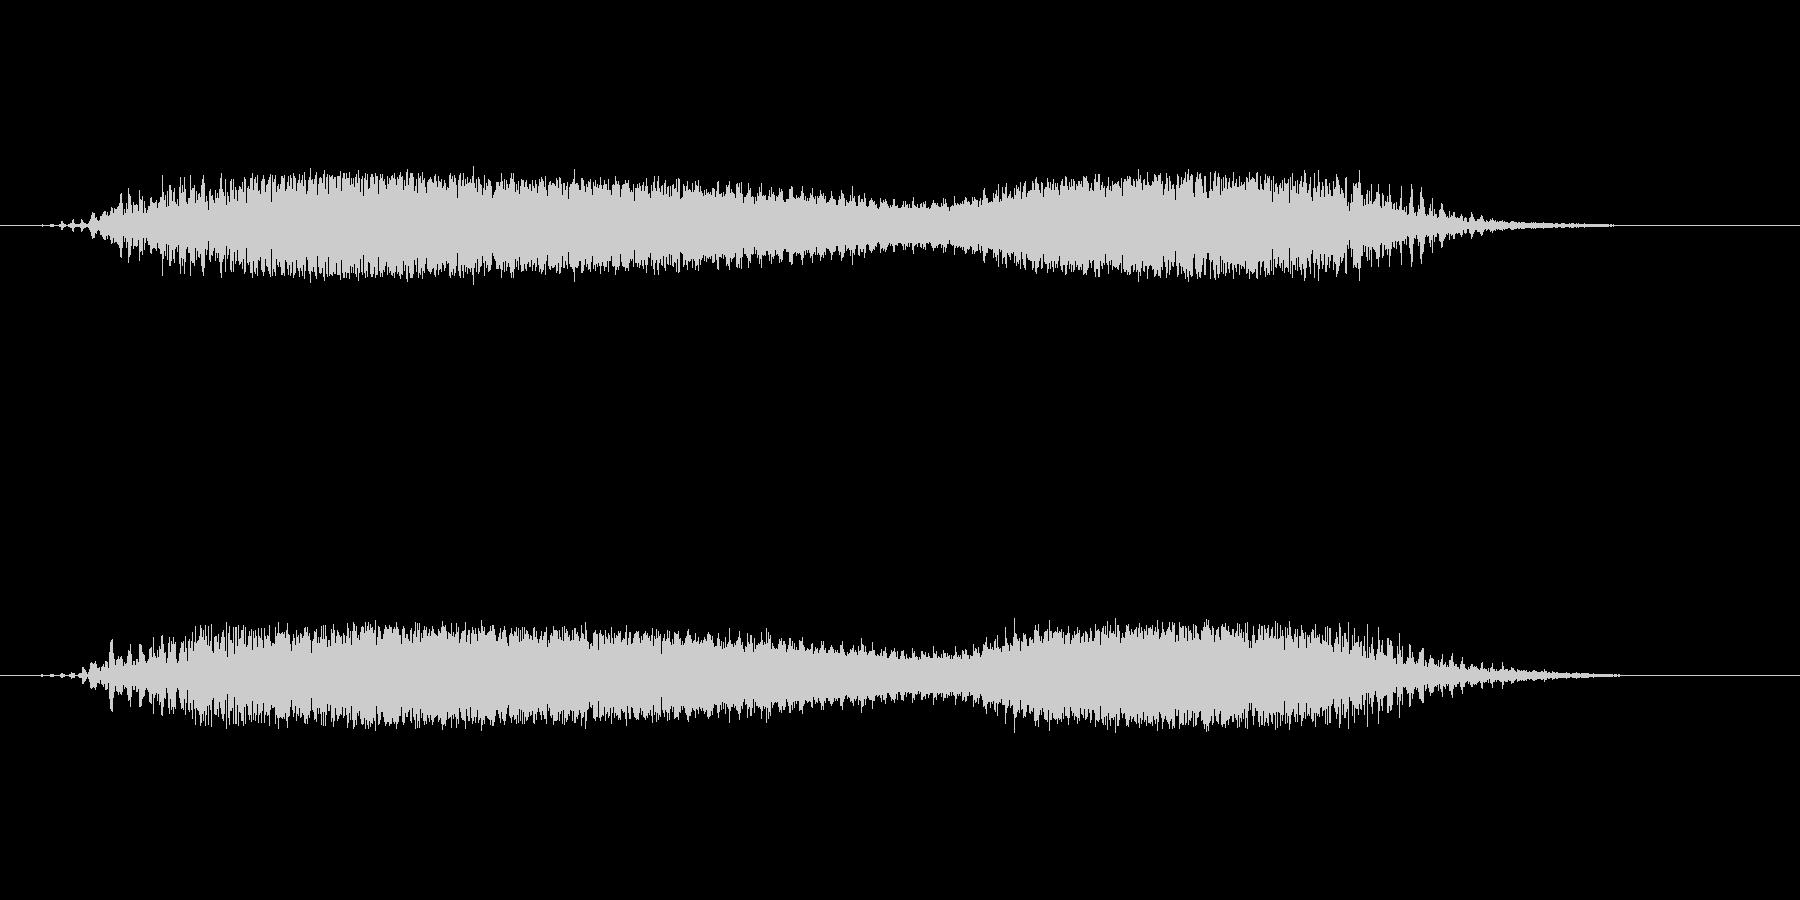 宇宙をイメージしたサウンドエフェクトの未再生の波形